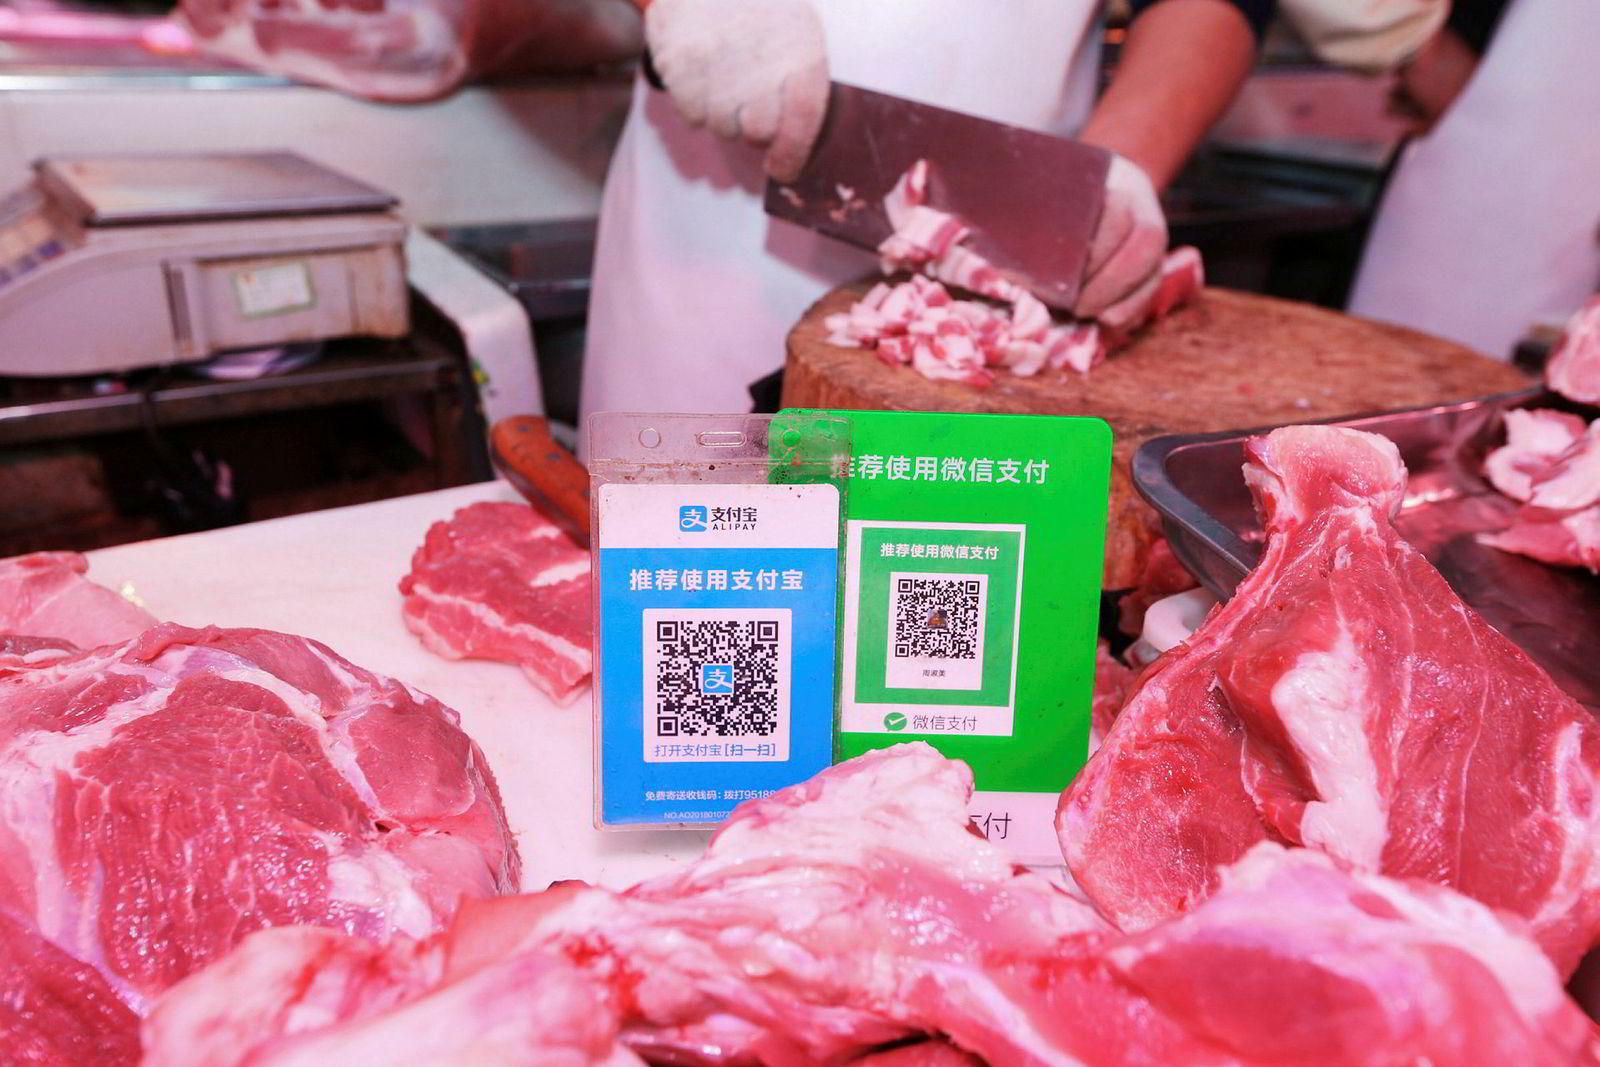 Med et sveip og skanning av en QR-kode kan over 700 millioner kinesere betale med apper som Alipay og WeChat på smarttelefoner. Banktoppen Finn Haugan er imponert over kinesisk finansteknologi. – Det har vært voldsomme inntrykk. Det vil ta uker før jeg har absorbert alt, sier han.